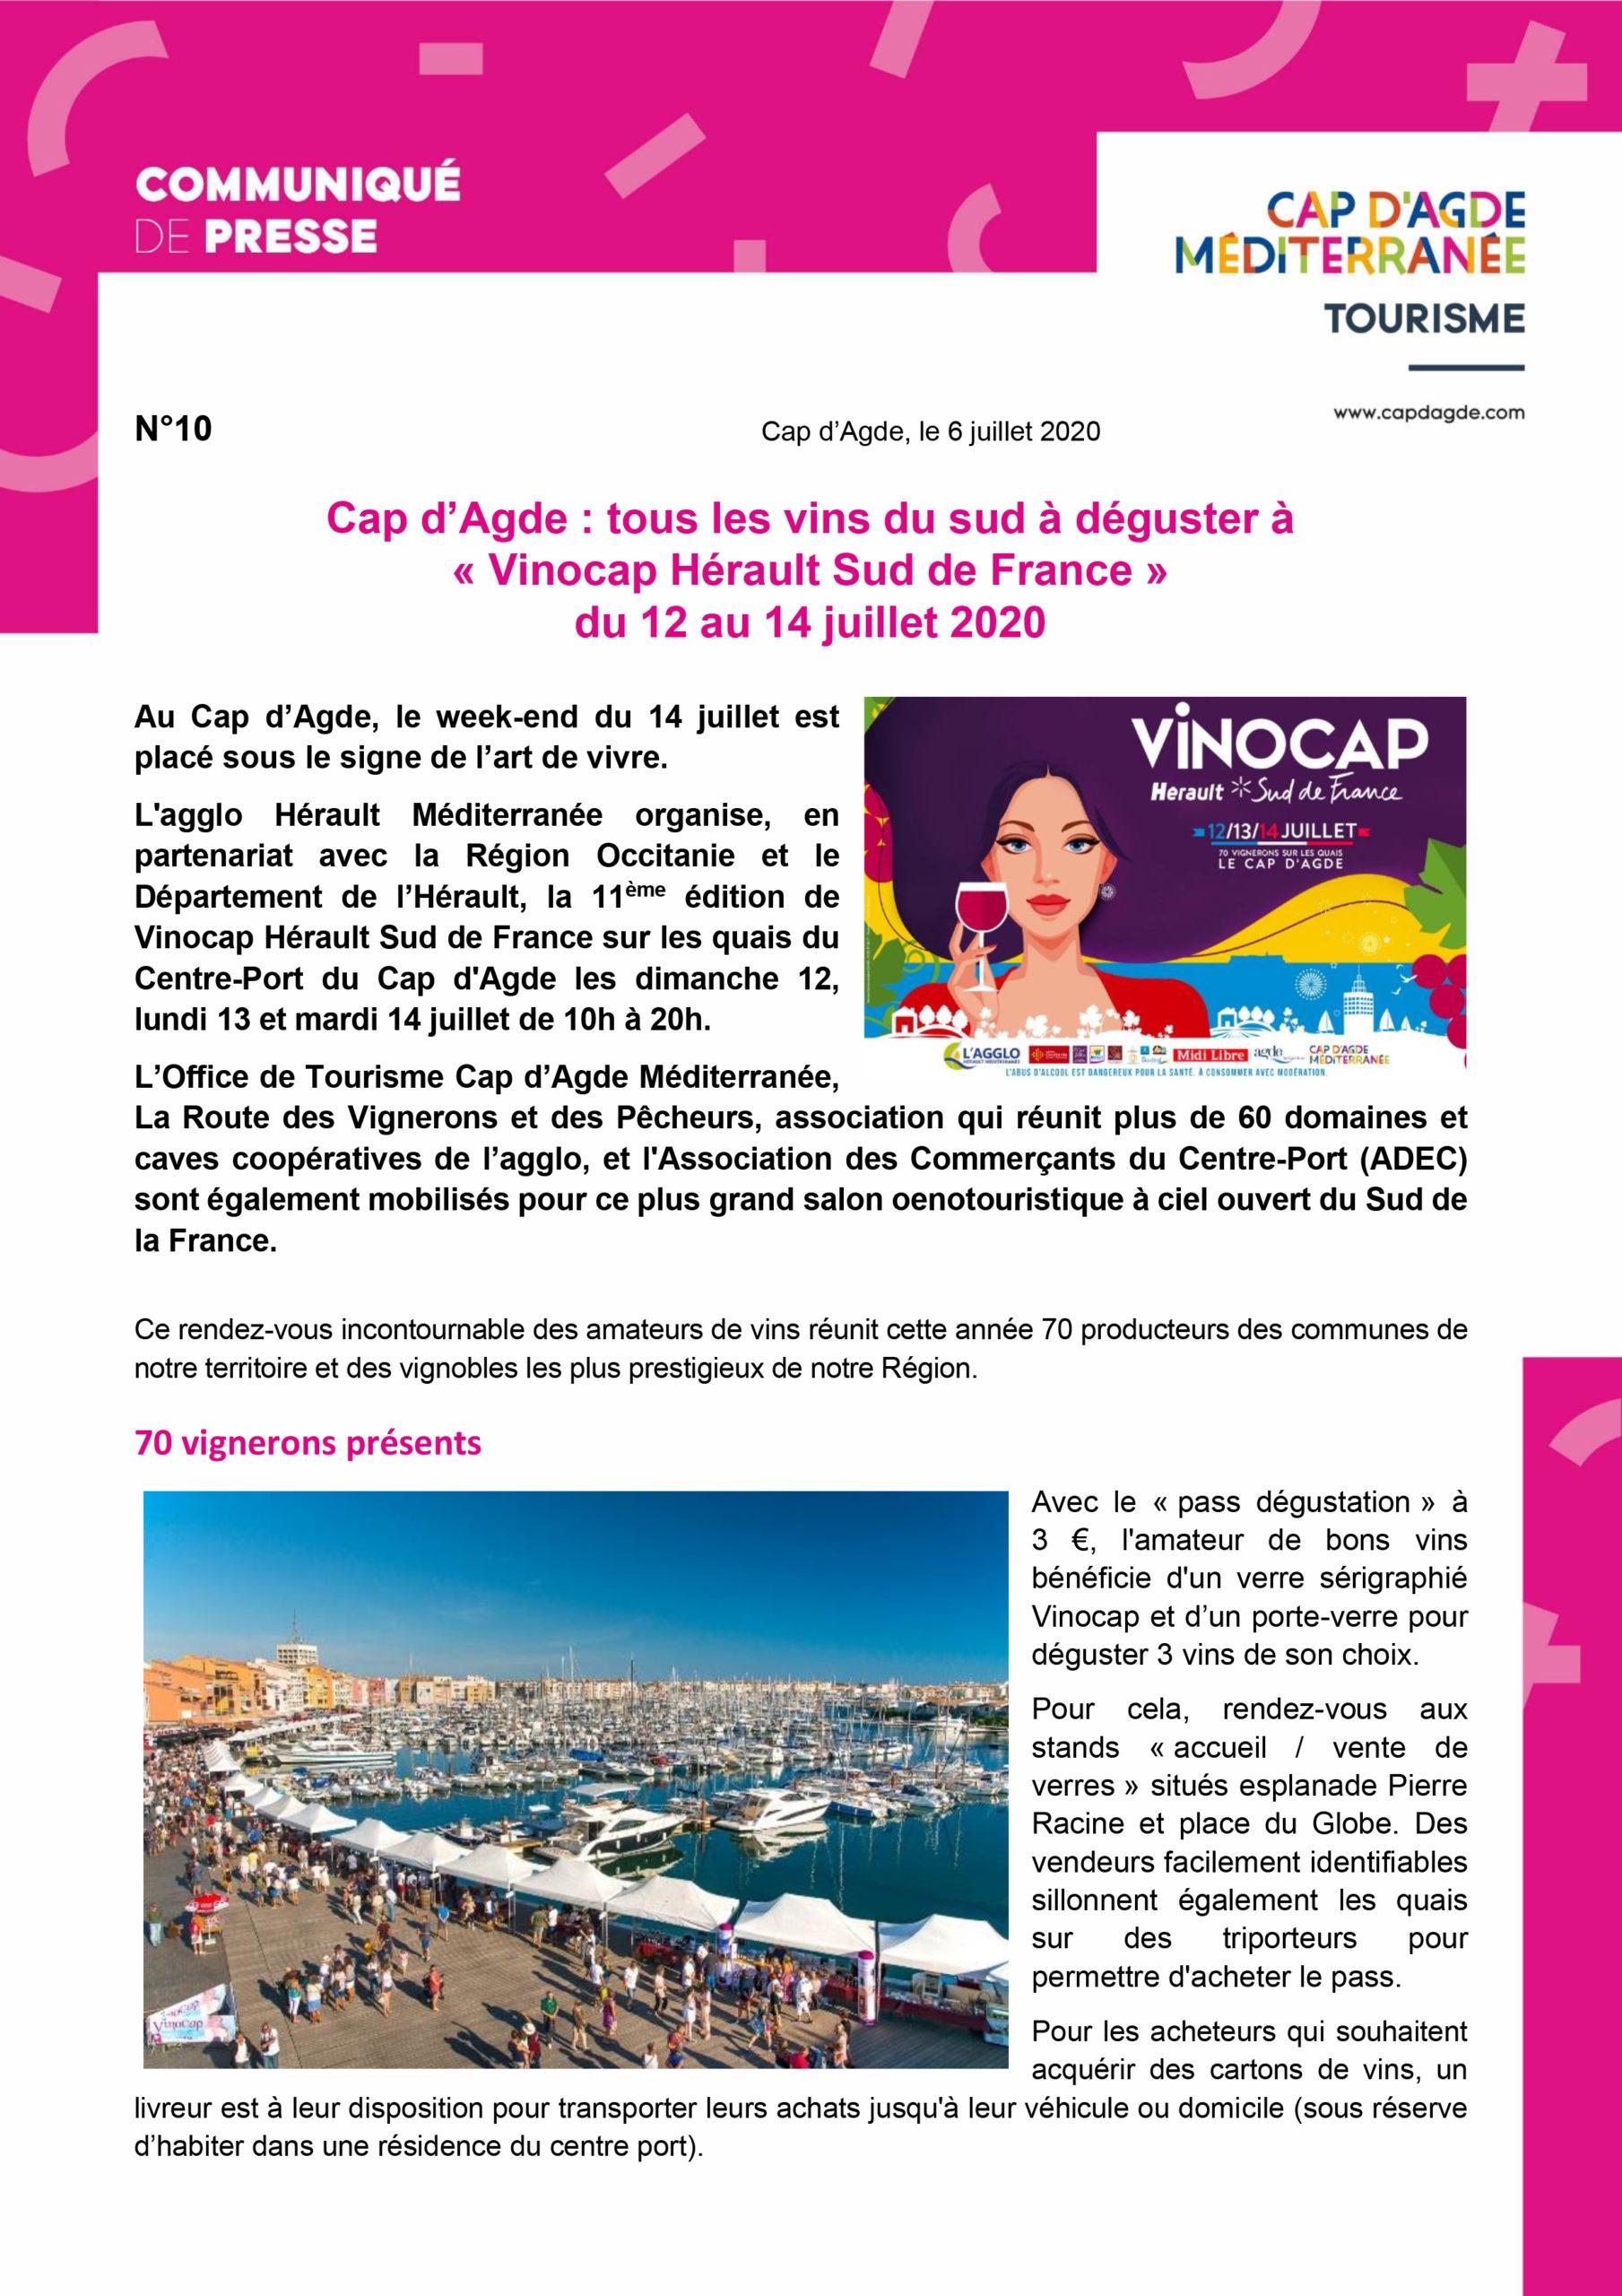 Cap d'Agde : VINOCAP